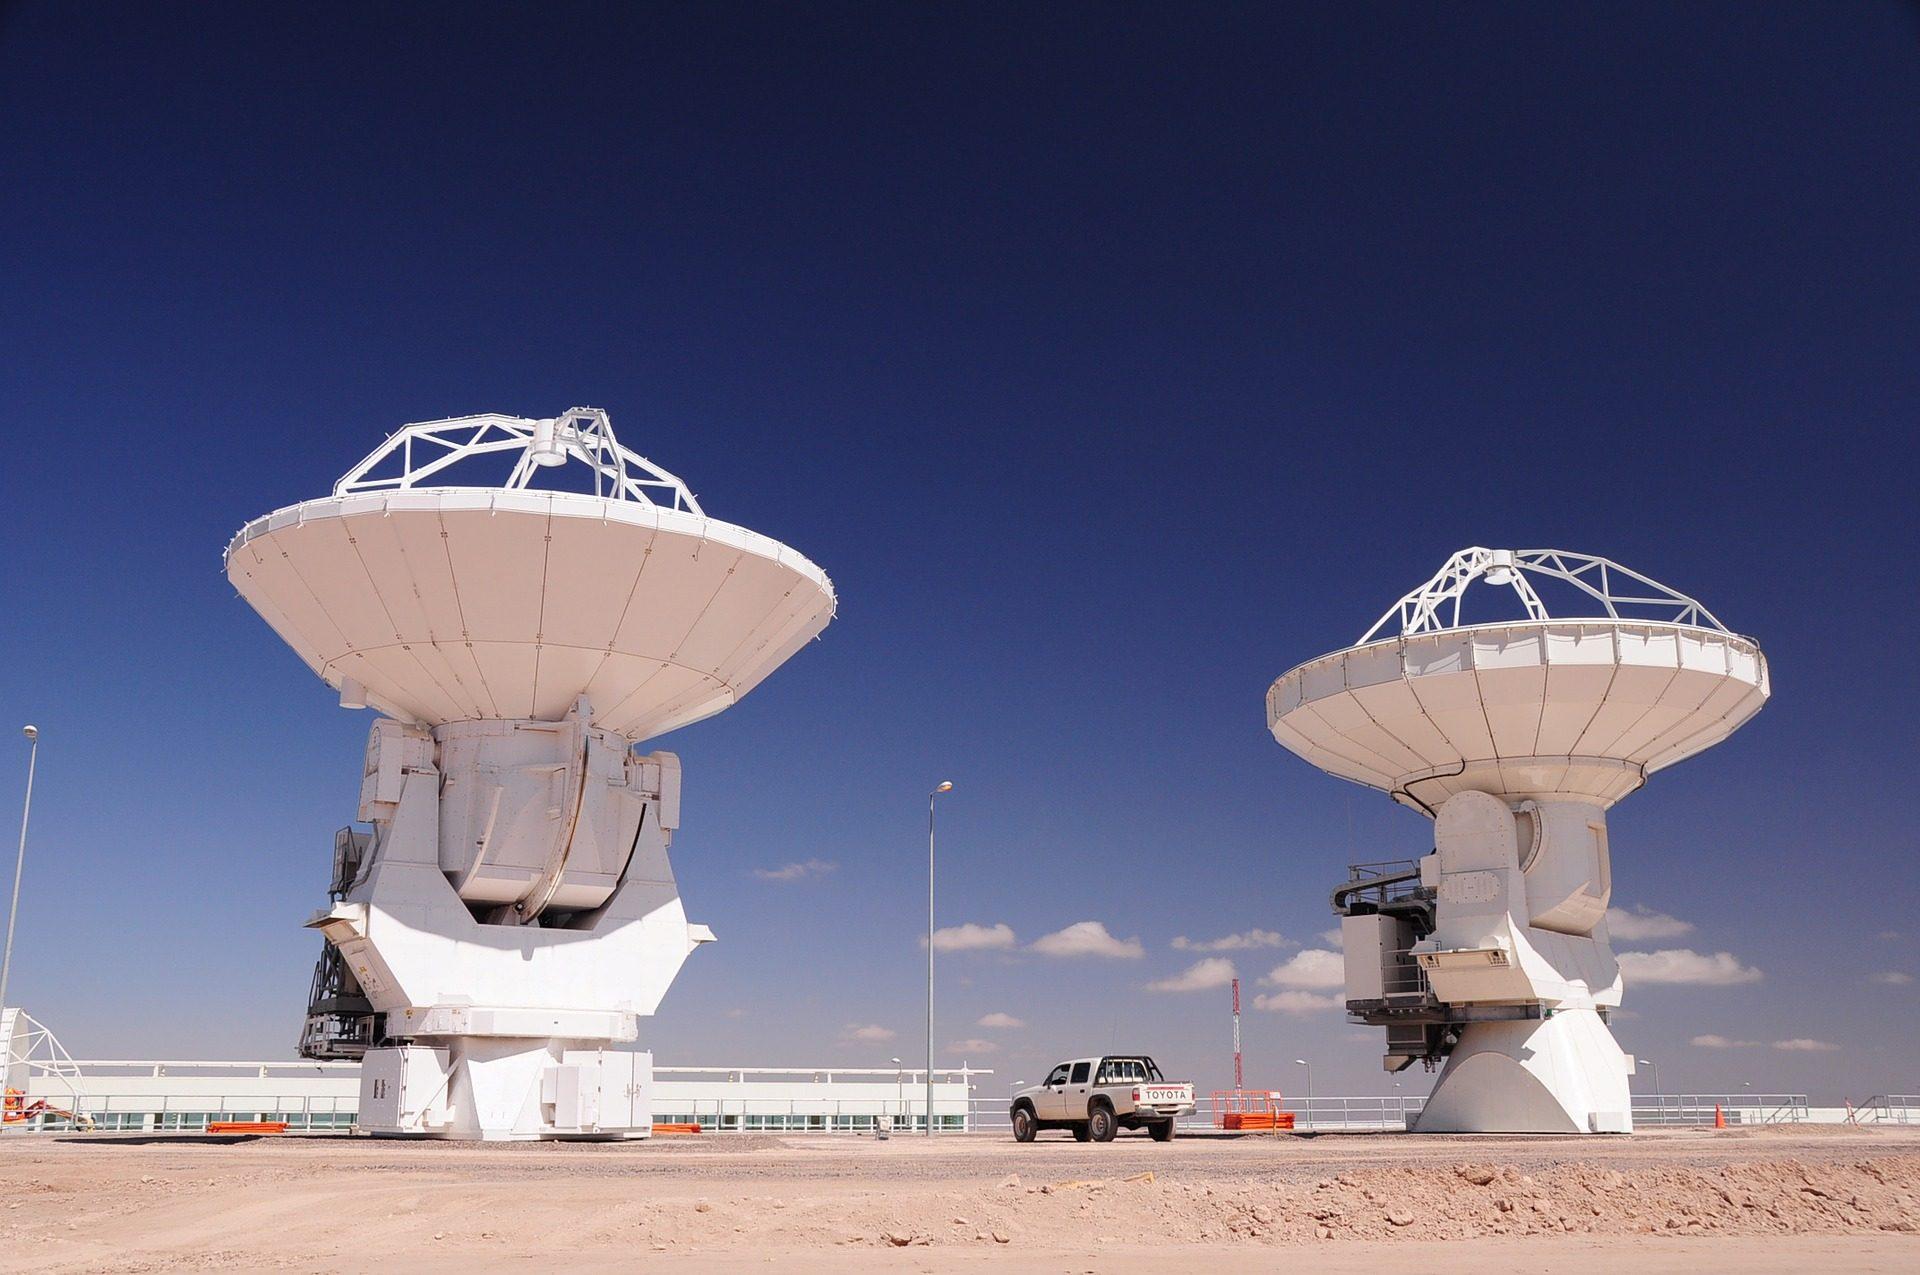 المرصد, الفضاء, الهوائيات, exploración, البحوث, شيلي - خلفيات عالية الدقة - أستاذ falken.com